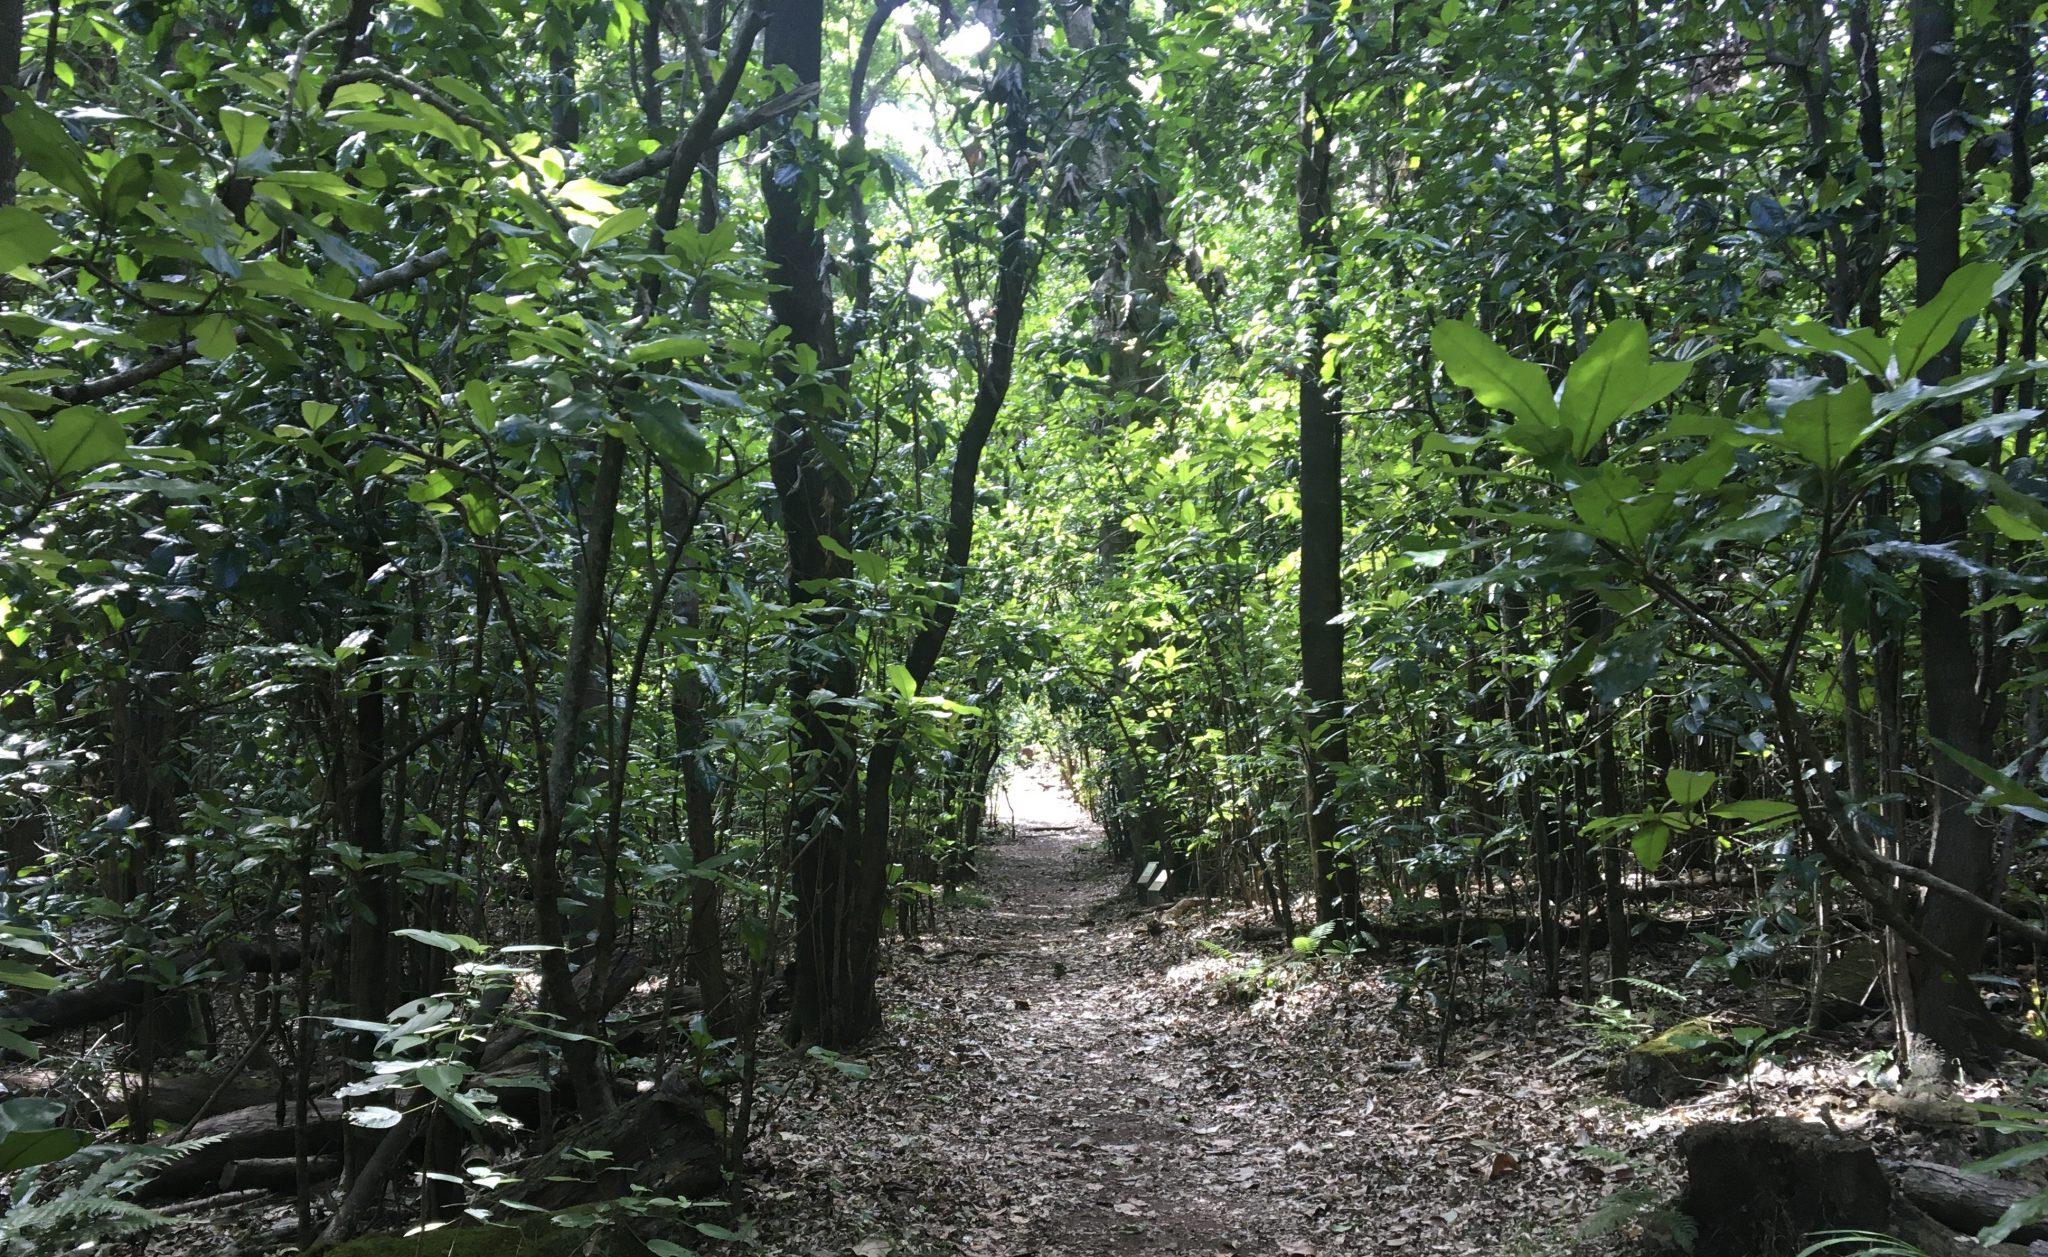 A rainforest trail